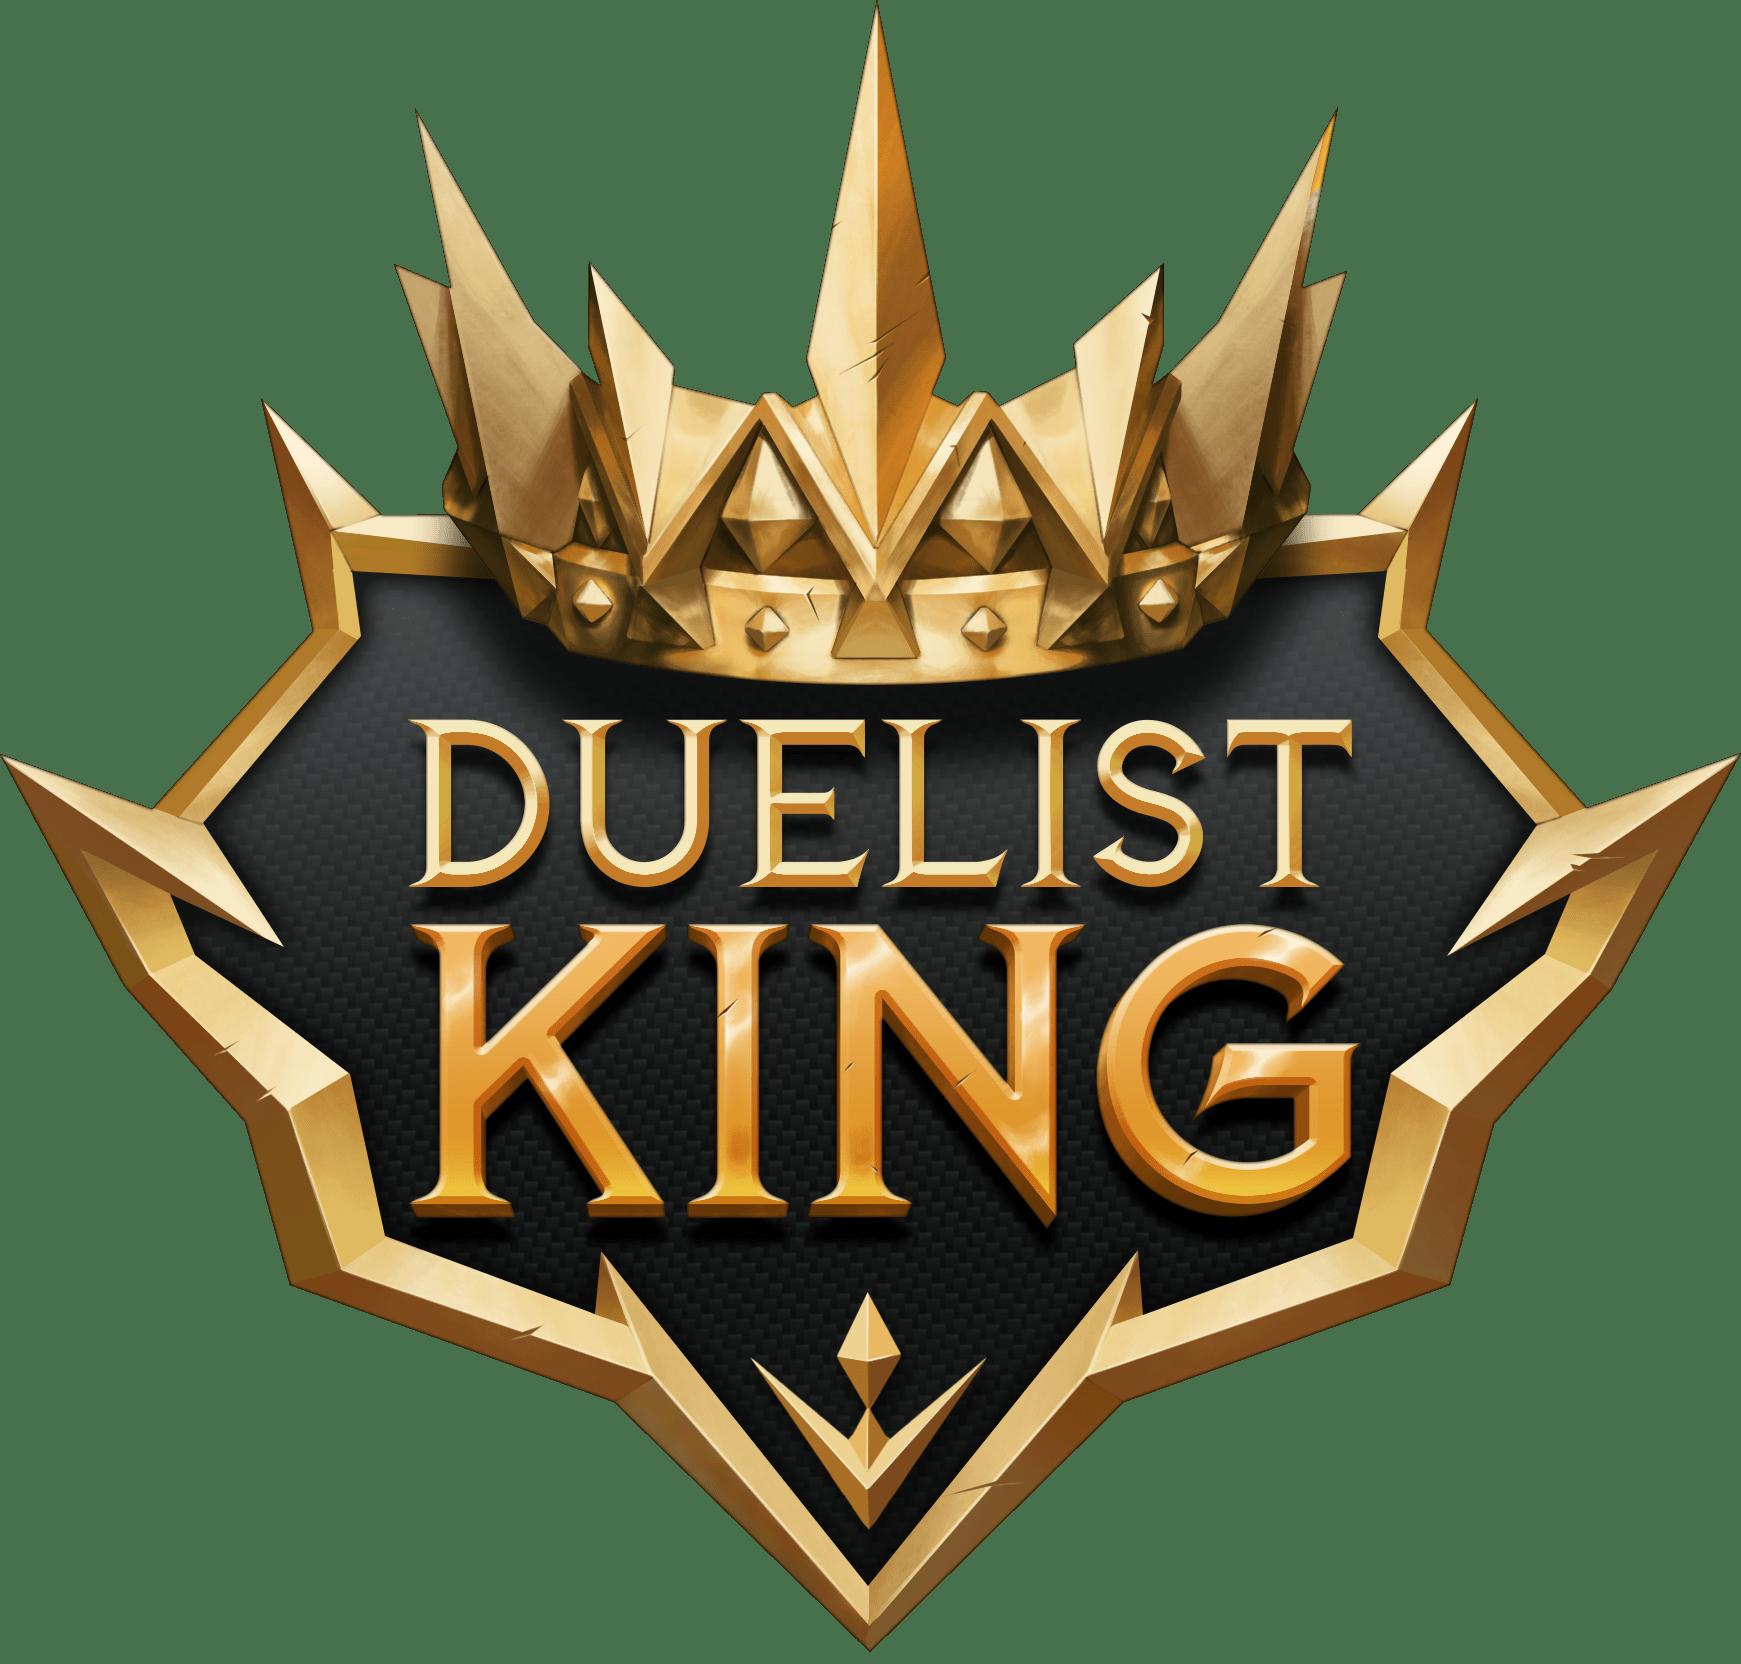 Duelist King